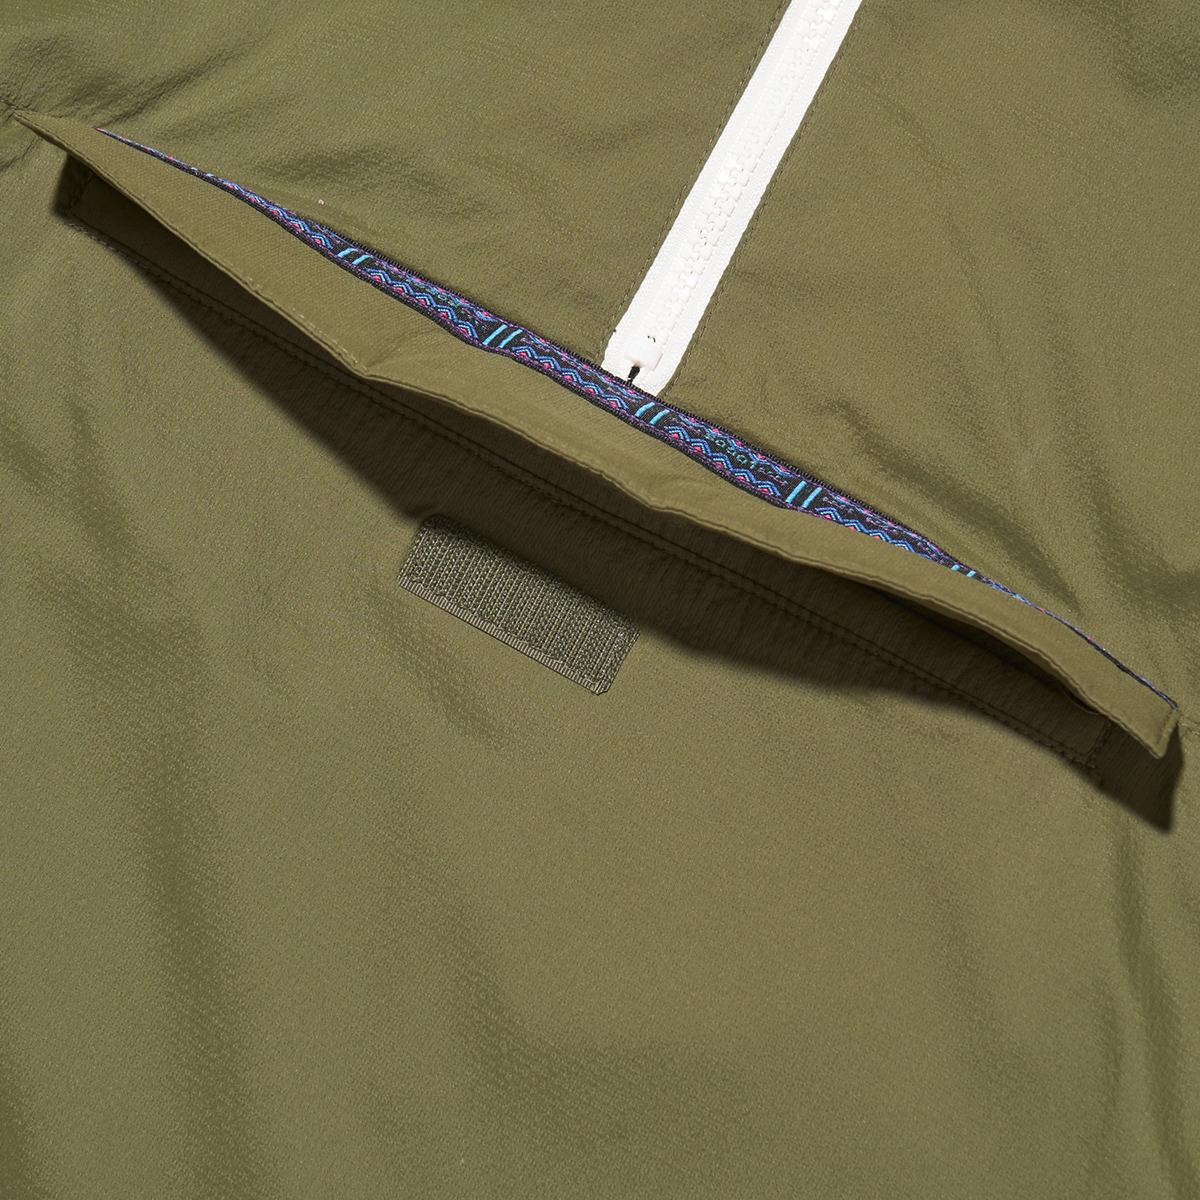 チロリアンテープを配した大きな前ポケット